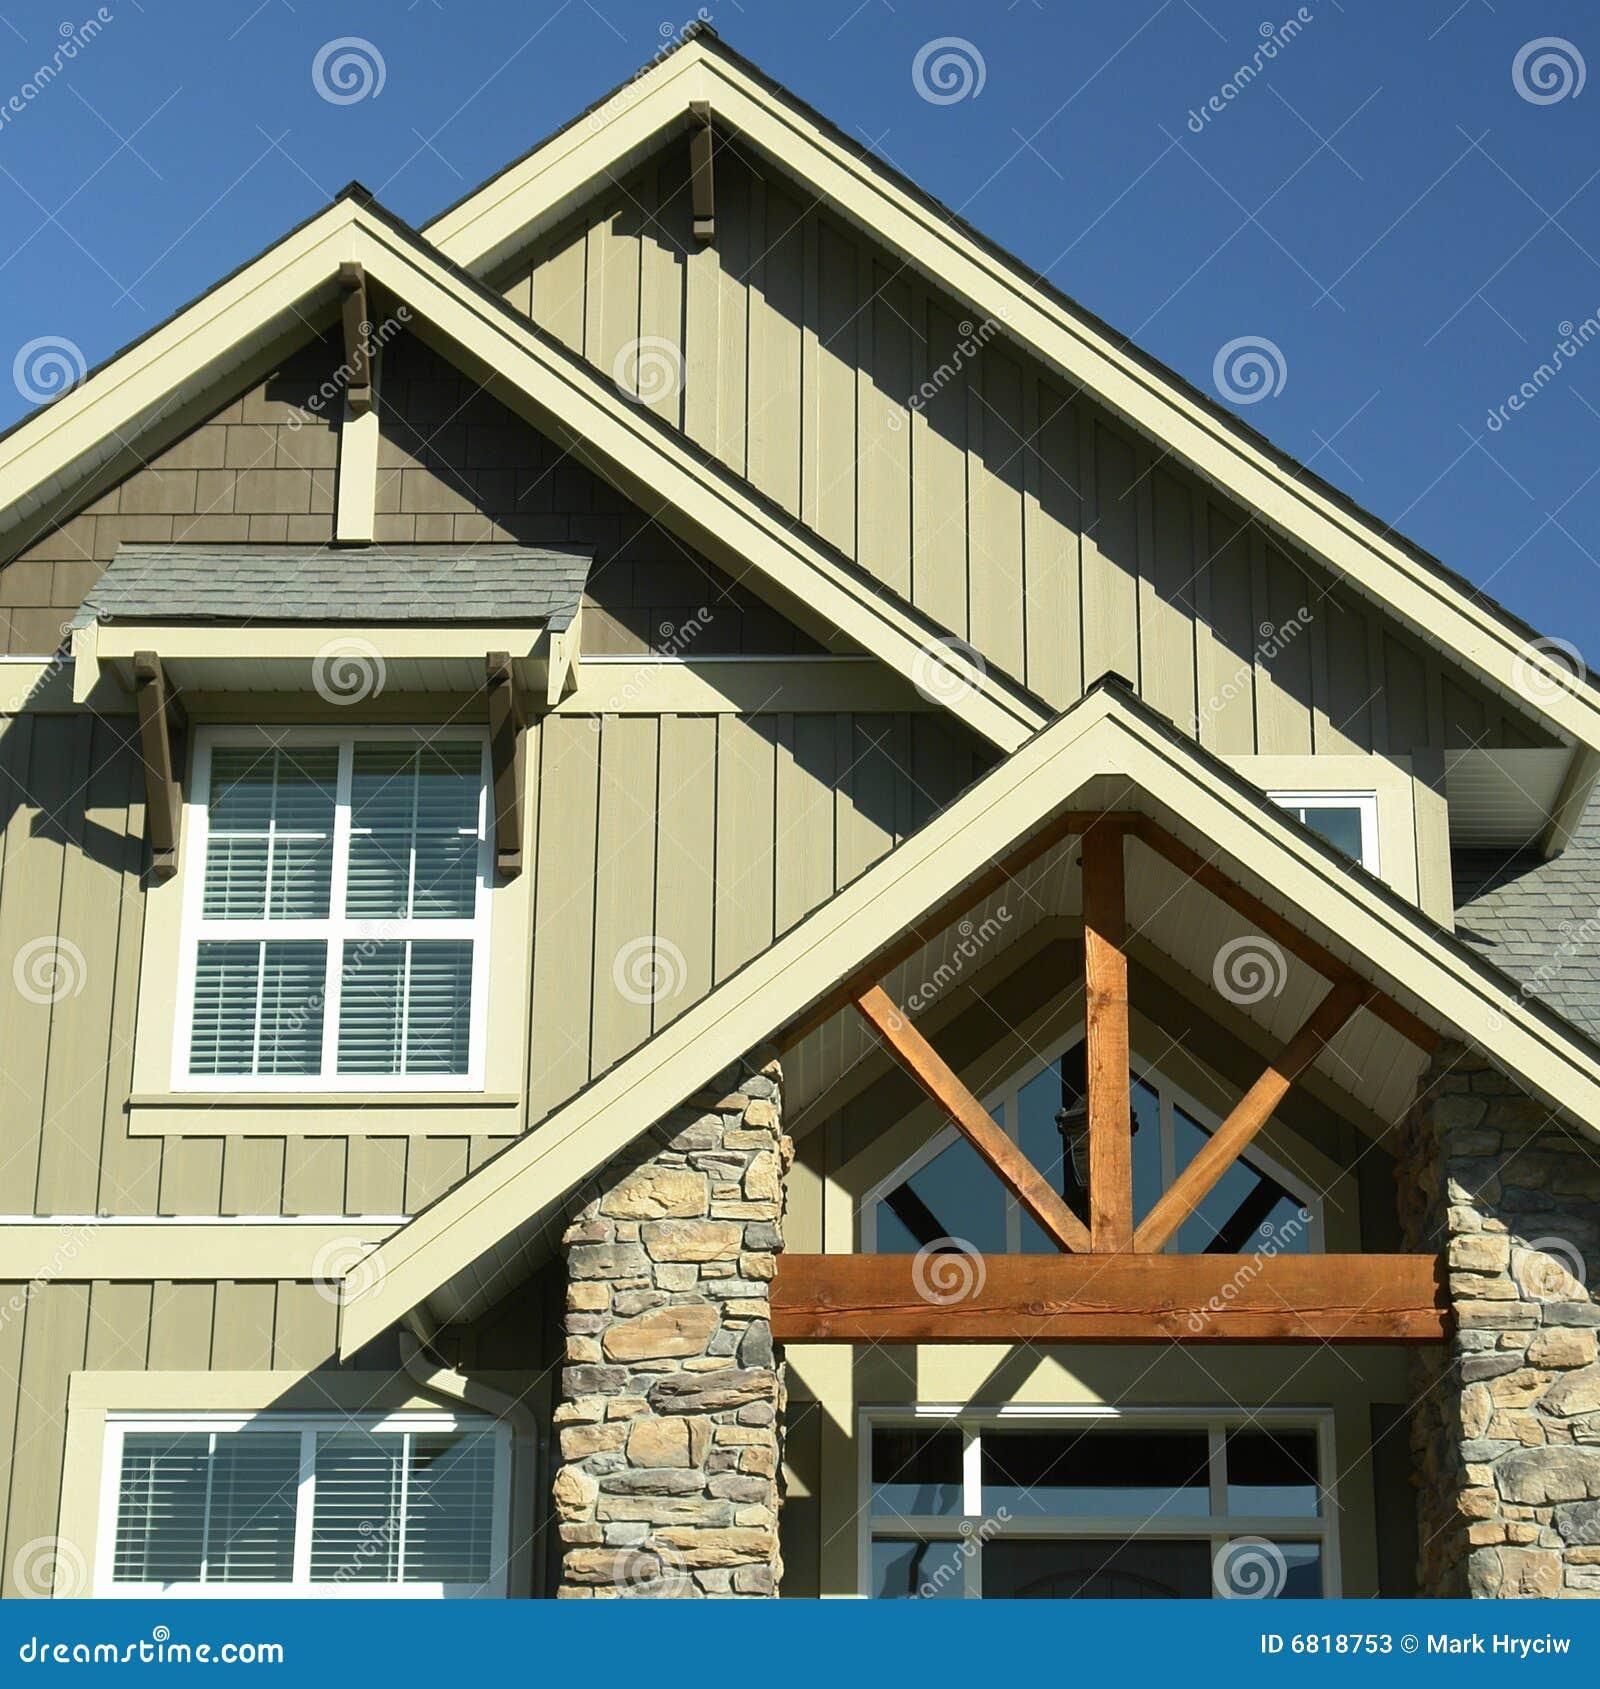 House Home Exterior Details